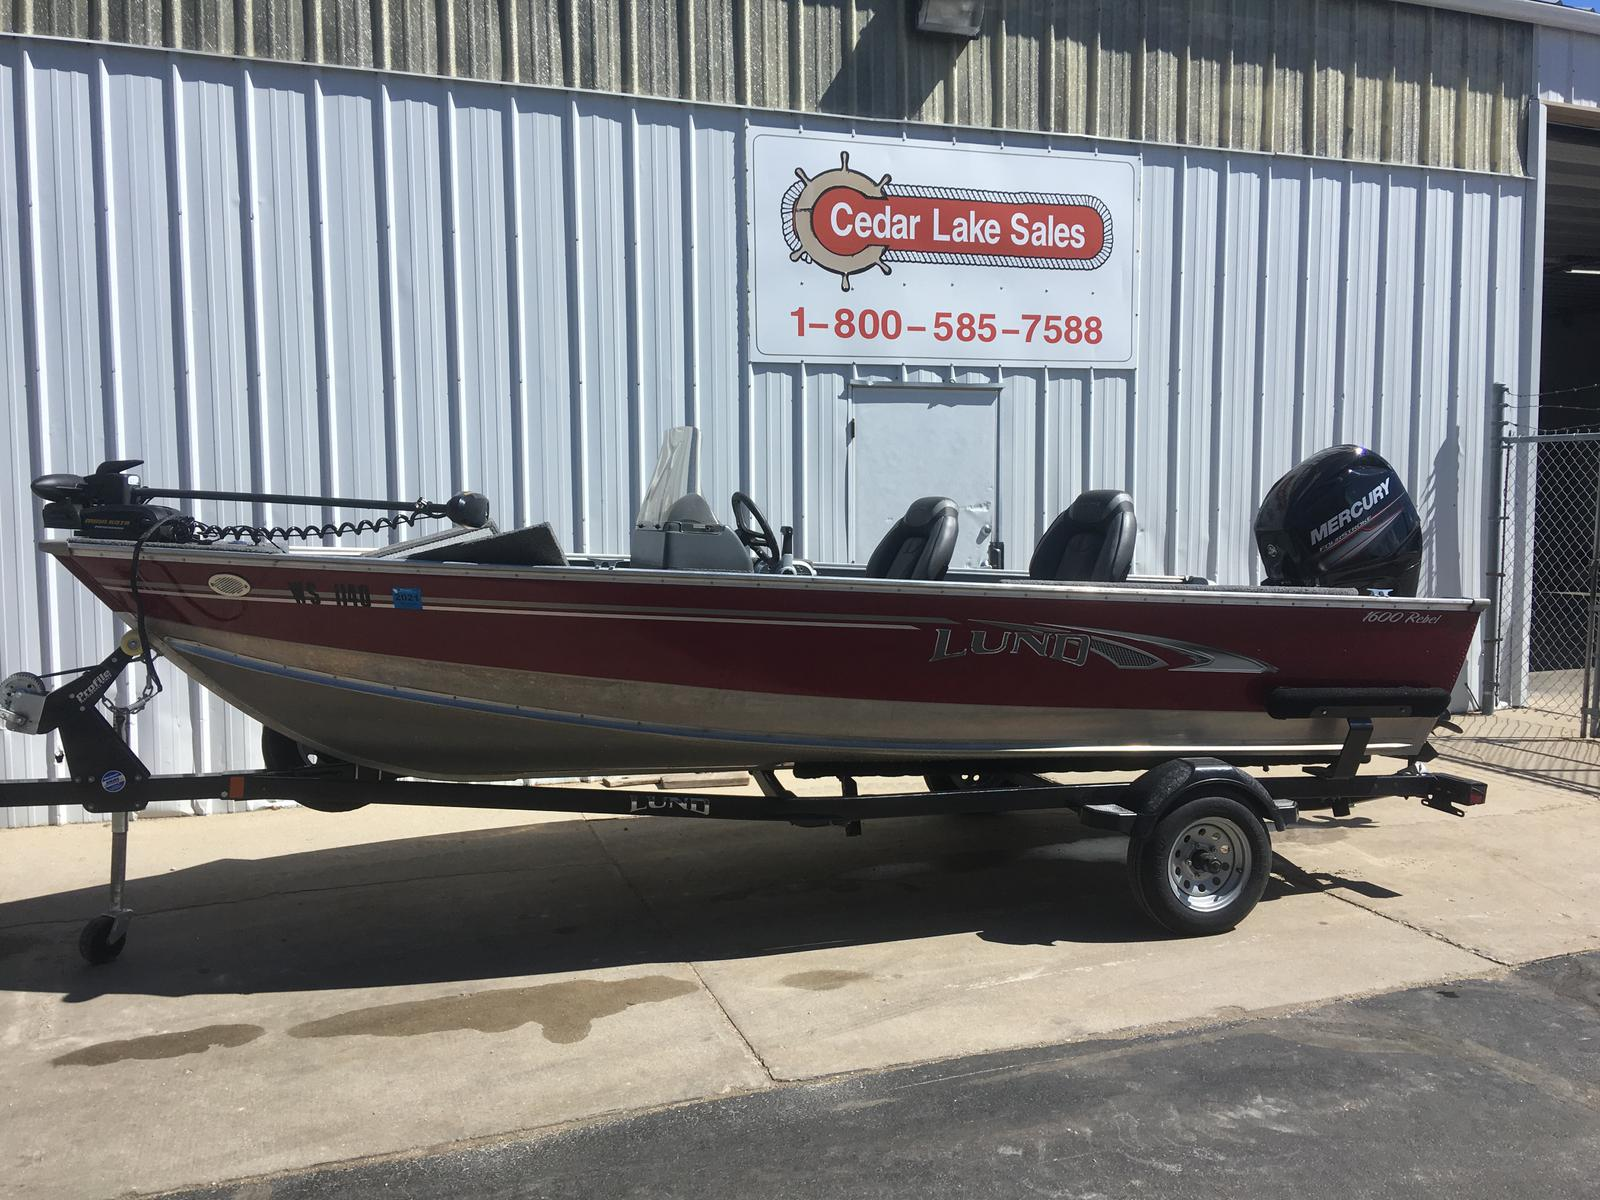 Inventory Cedar Lake Sales West Bend, WI (262) 334-7588